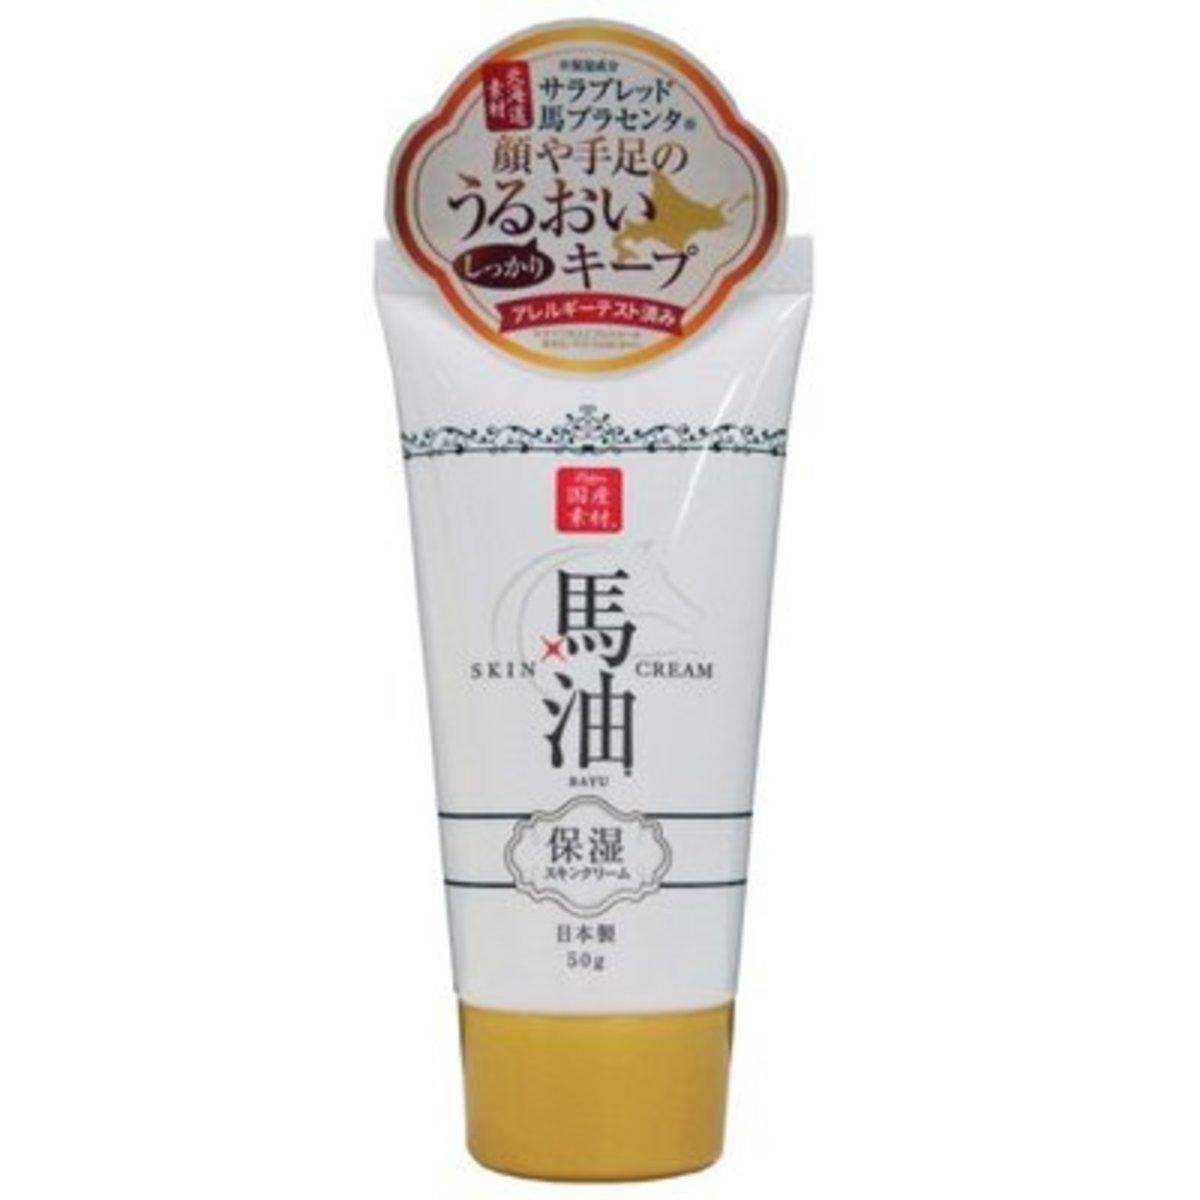 Horse Oil Skin Cream 50g (sakura flavor)